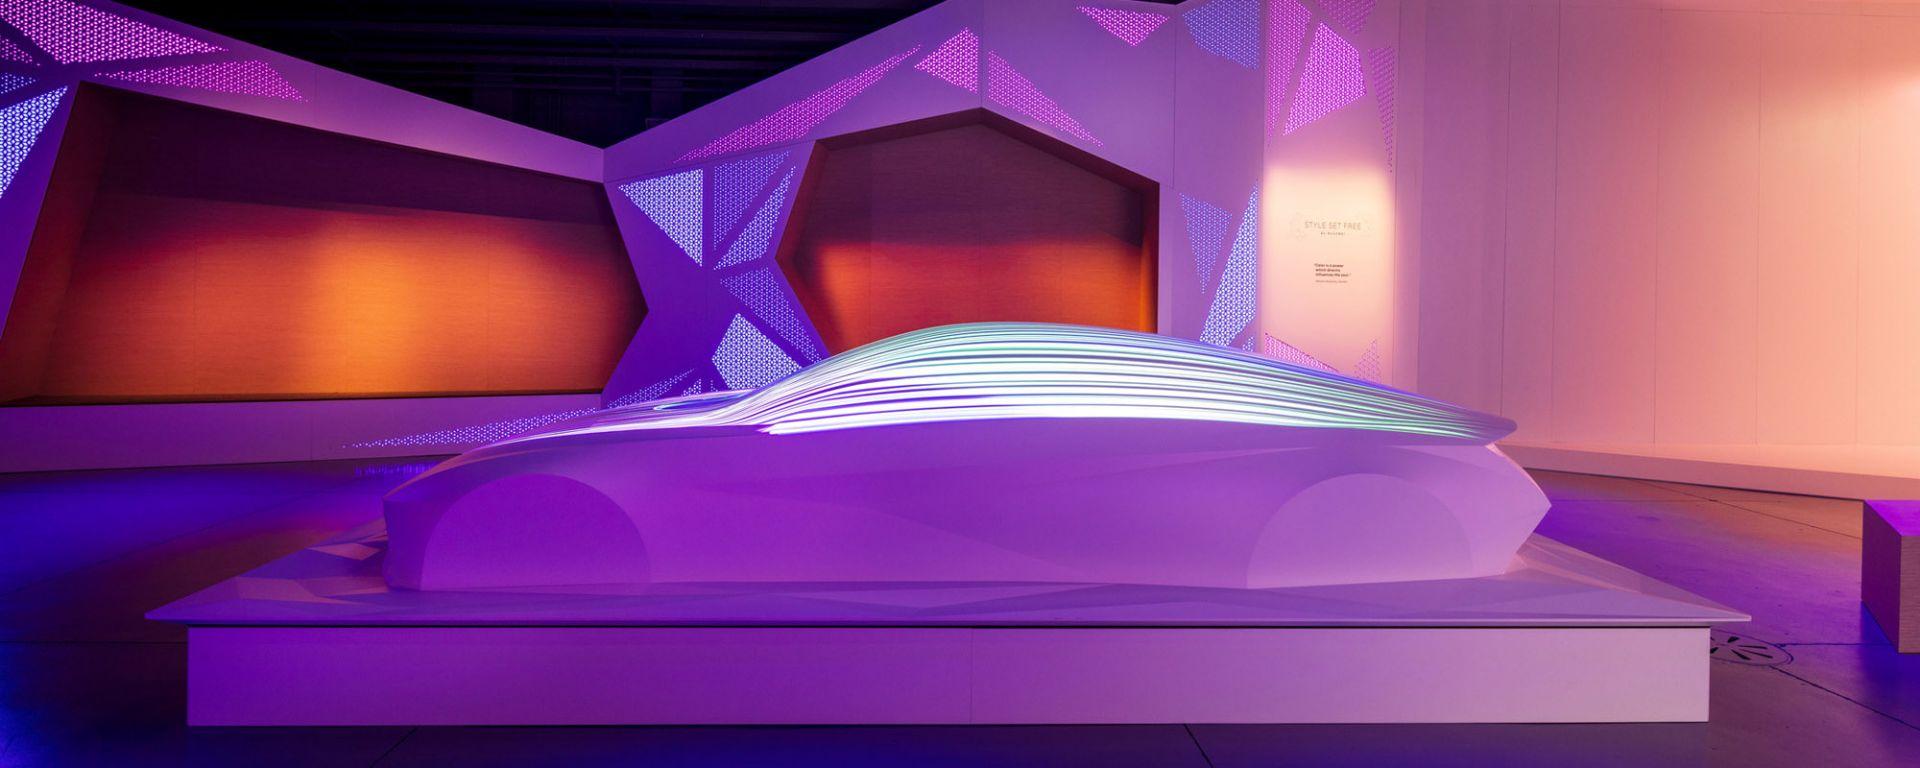 Salone del Mobile: Hyundai presenta il concept Style Set Free